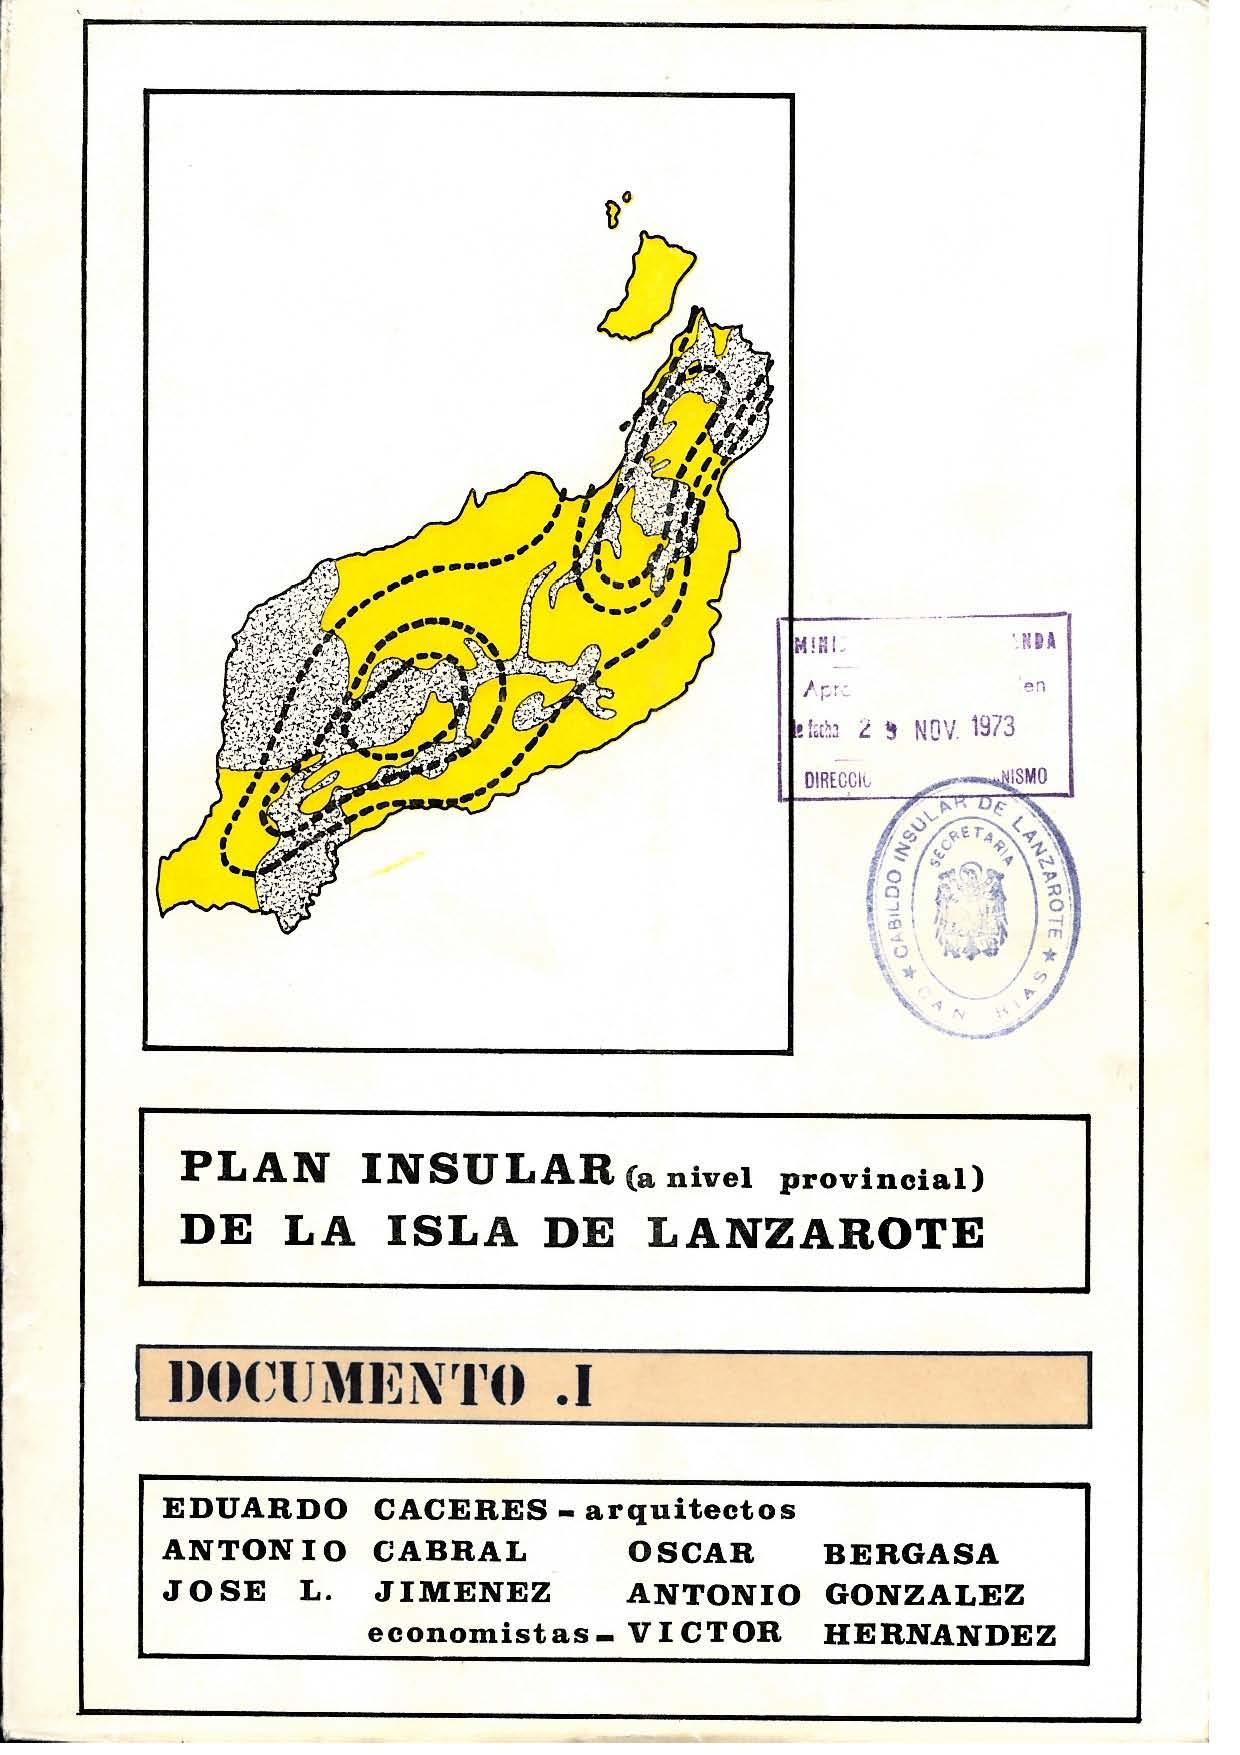 Documento I (Plan de 1973): Información Urbanística del Suelo